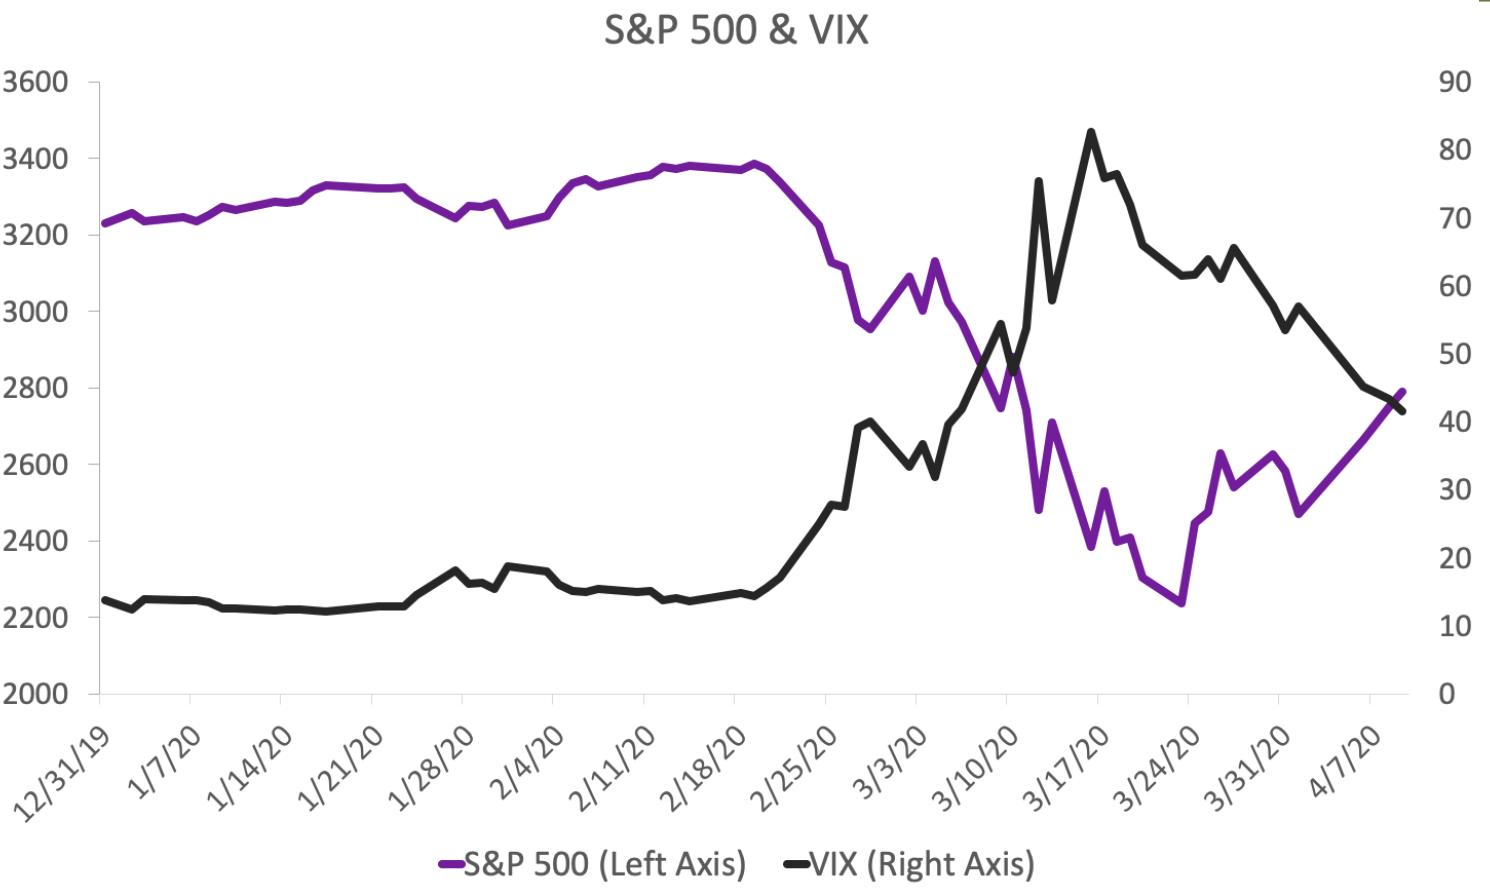 S&P 500 & VIX